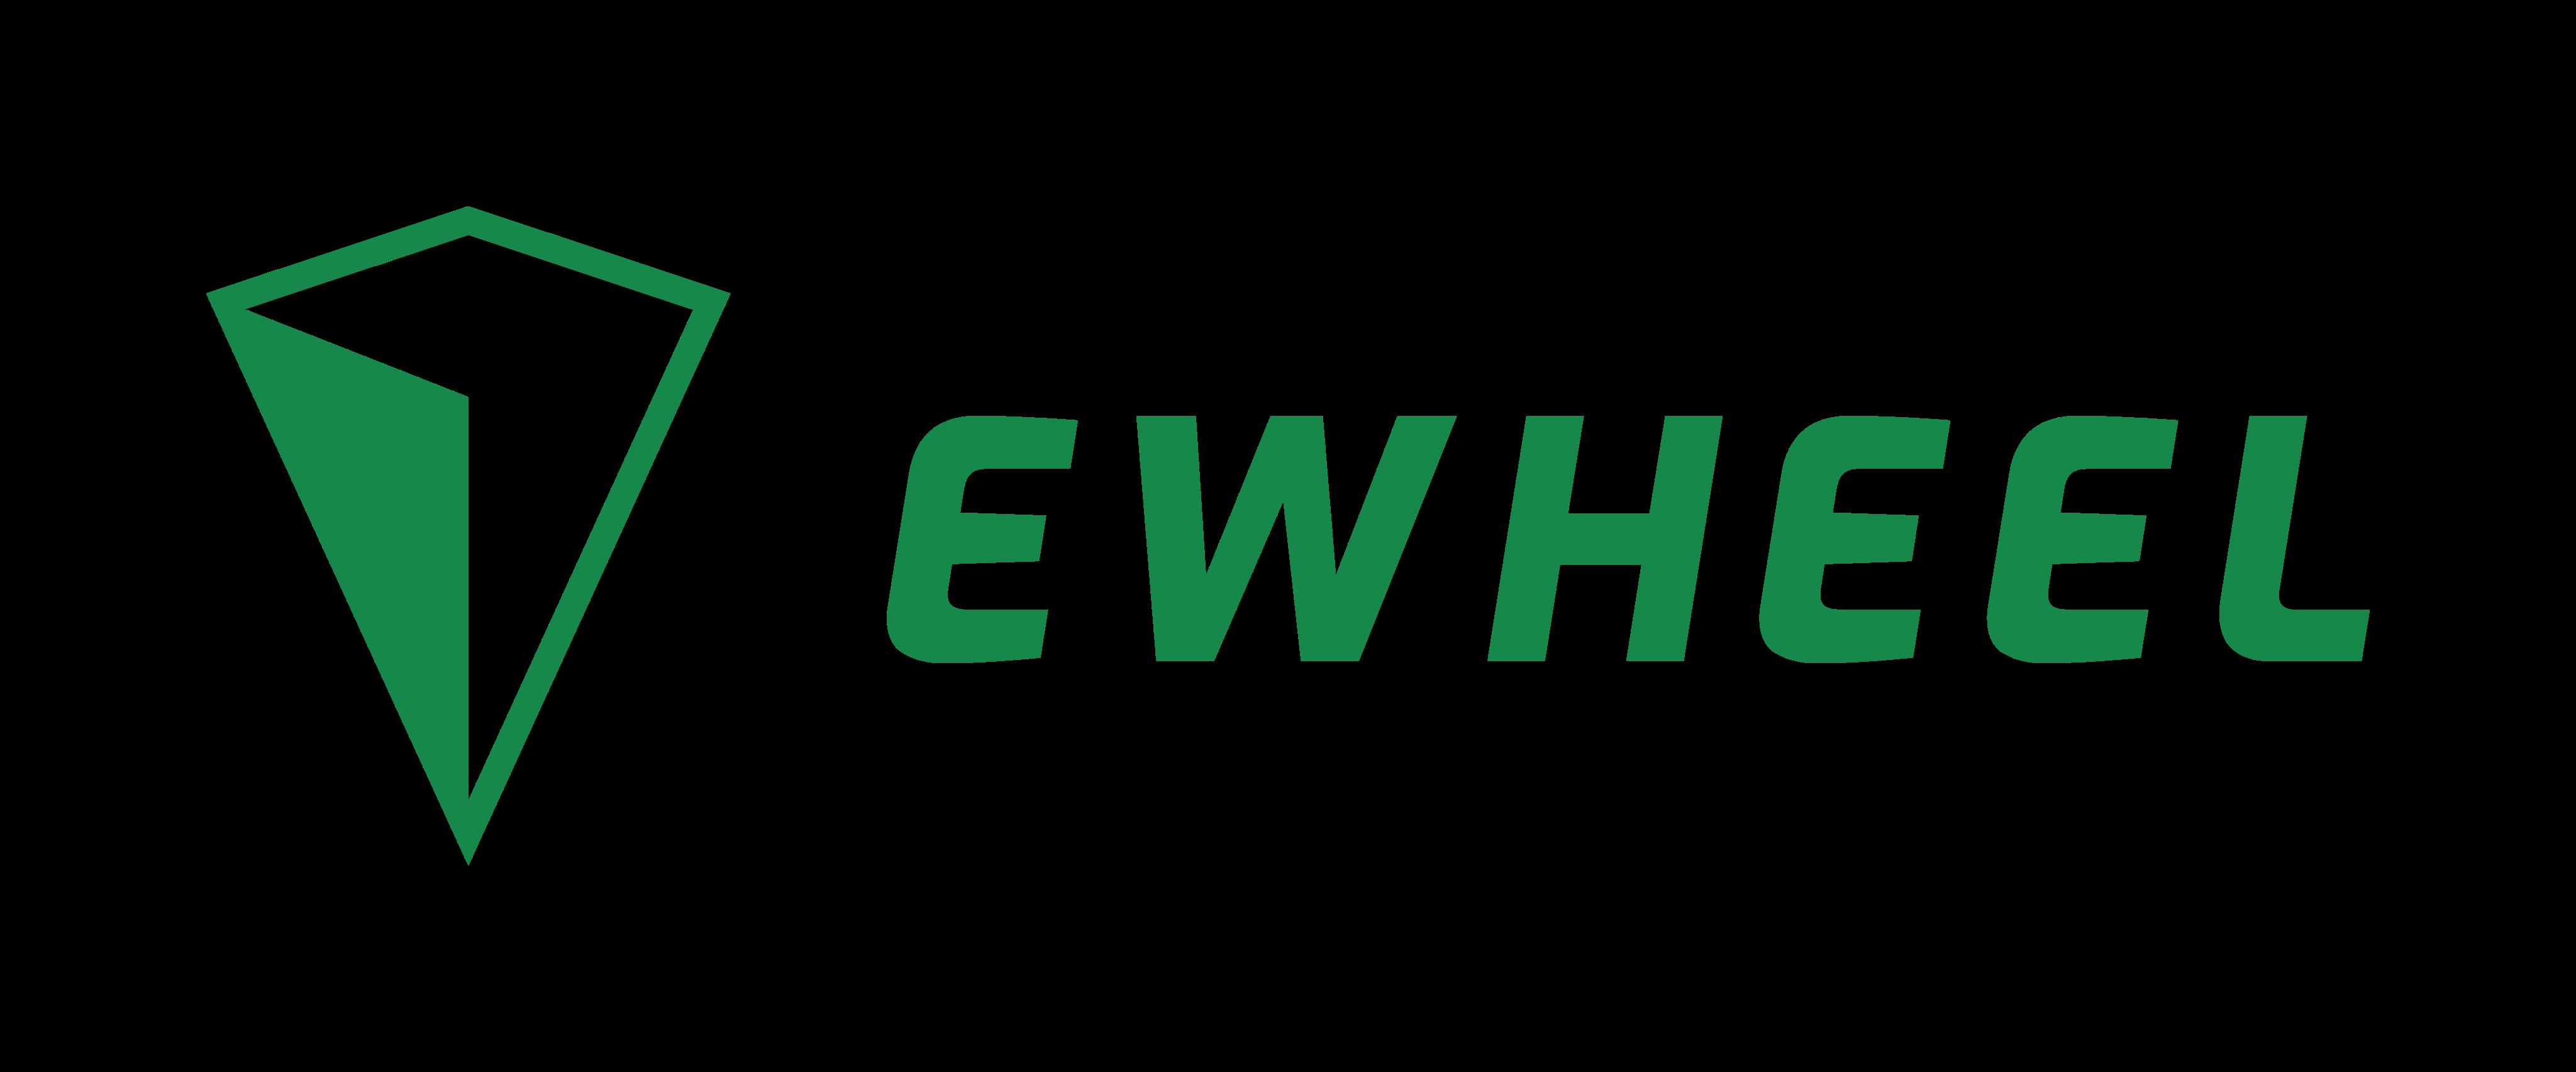 EWHEEL.io